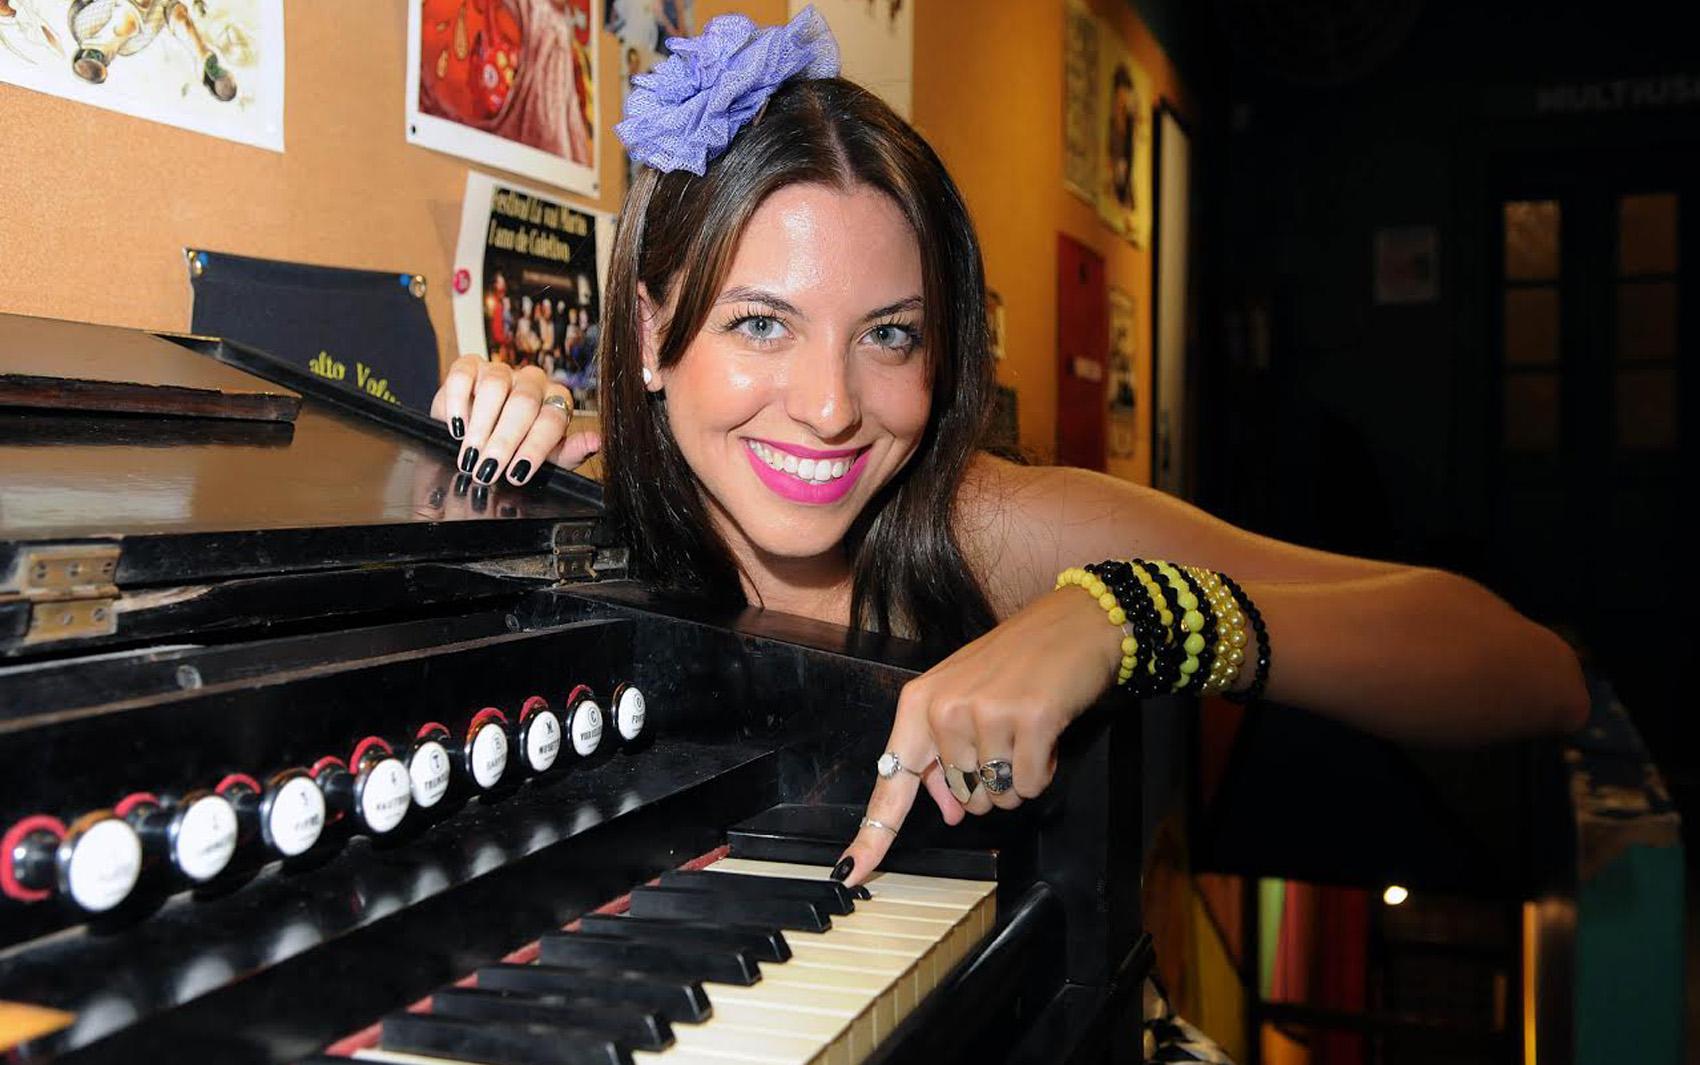 Gabriela Pasche é a cantora do bloco Pra Iaiá, que homenageia a banda Los Hermanos.